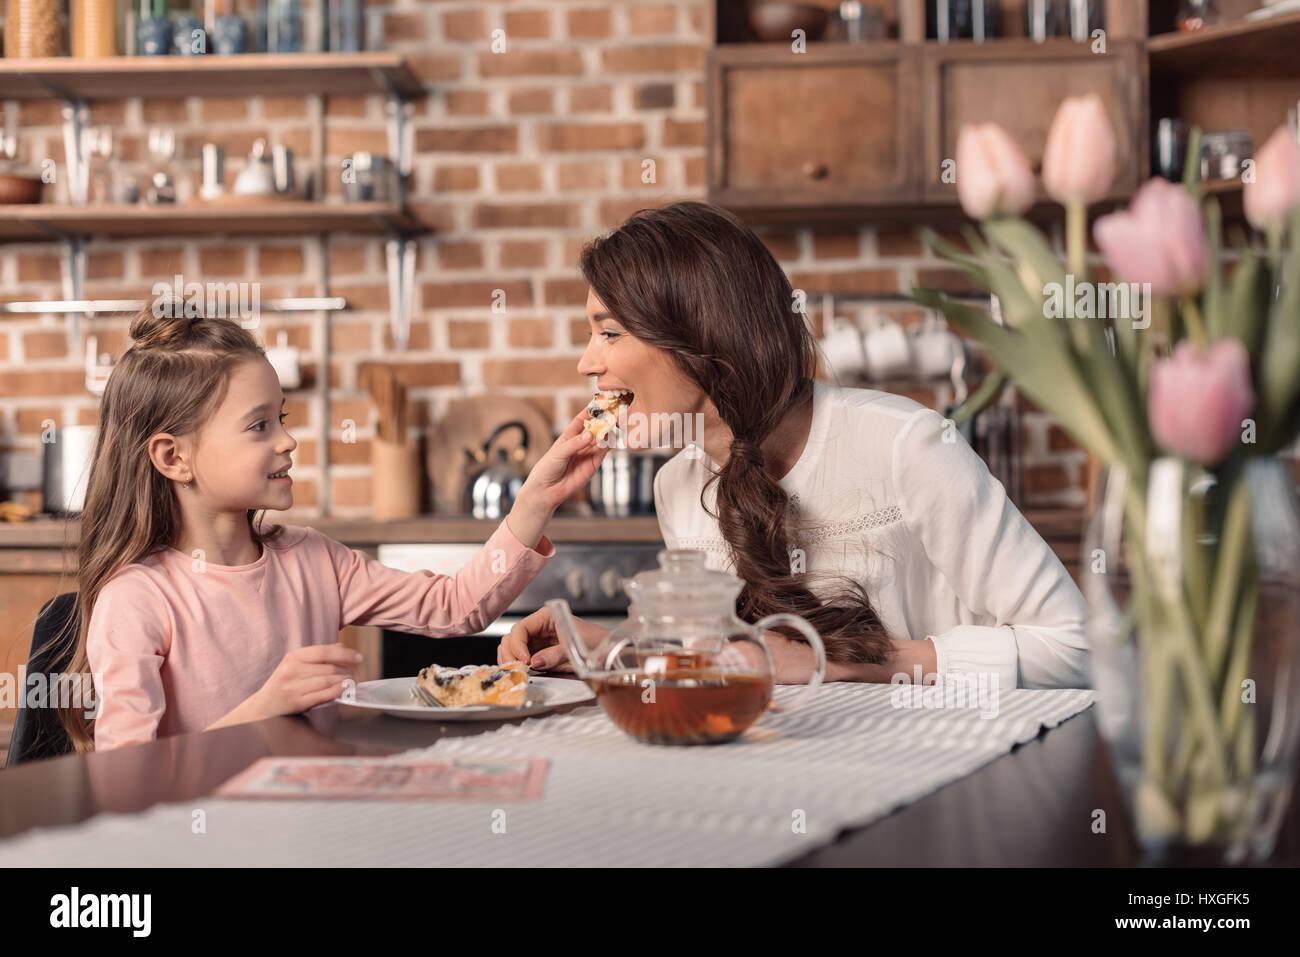 'Side View della figlia di madre di alimentazione con torta per la festa della mamma vacanze in cucina Immagini Stock